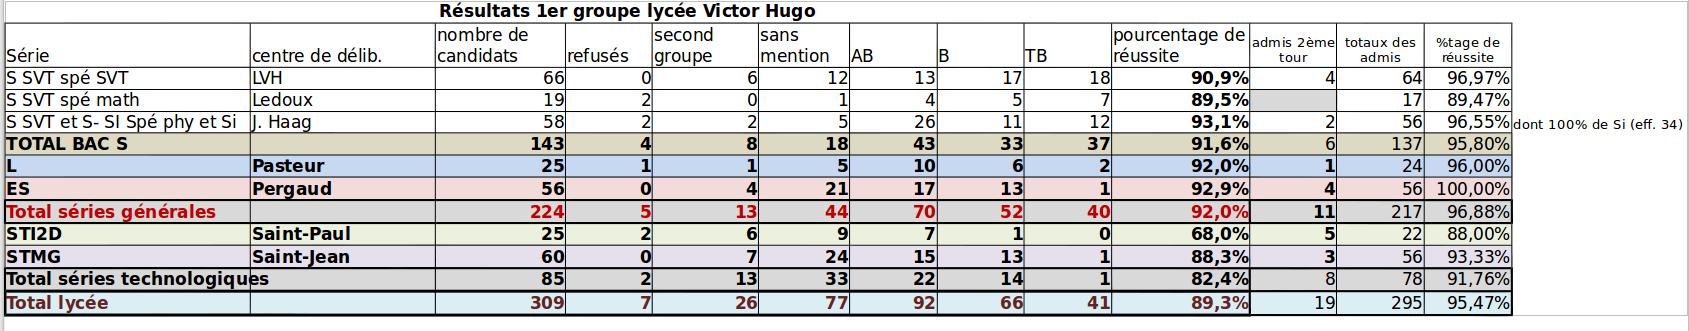 resultats-bacs2